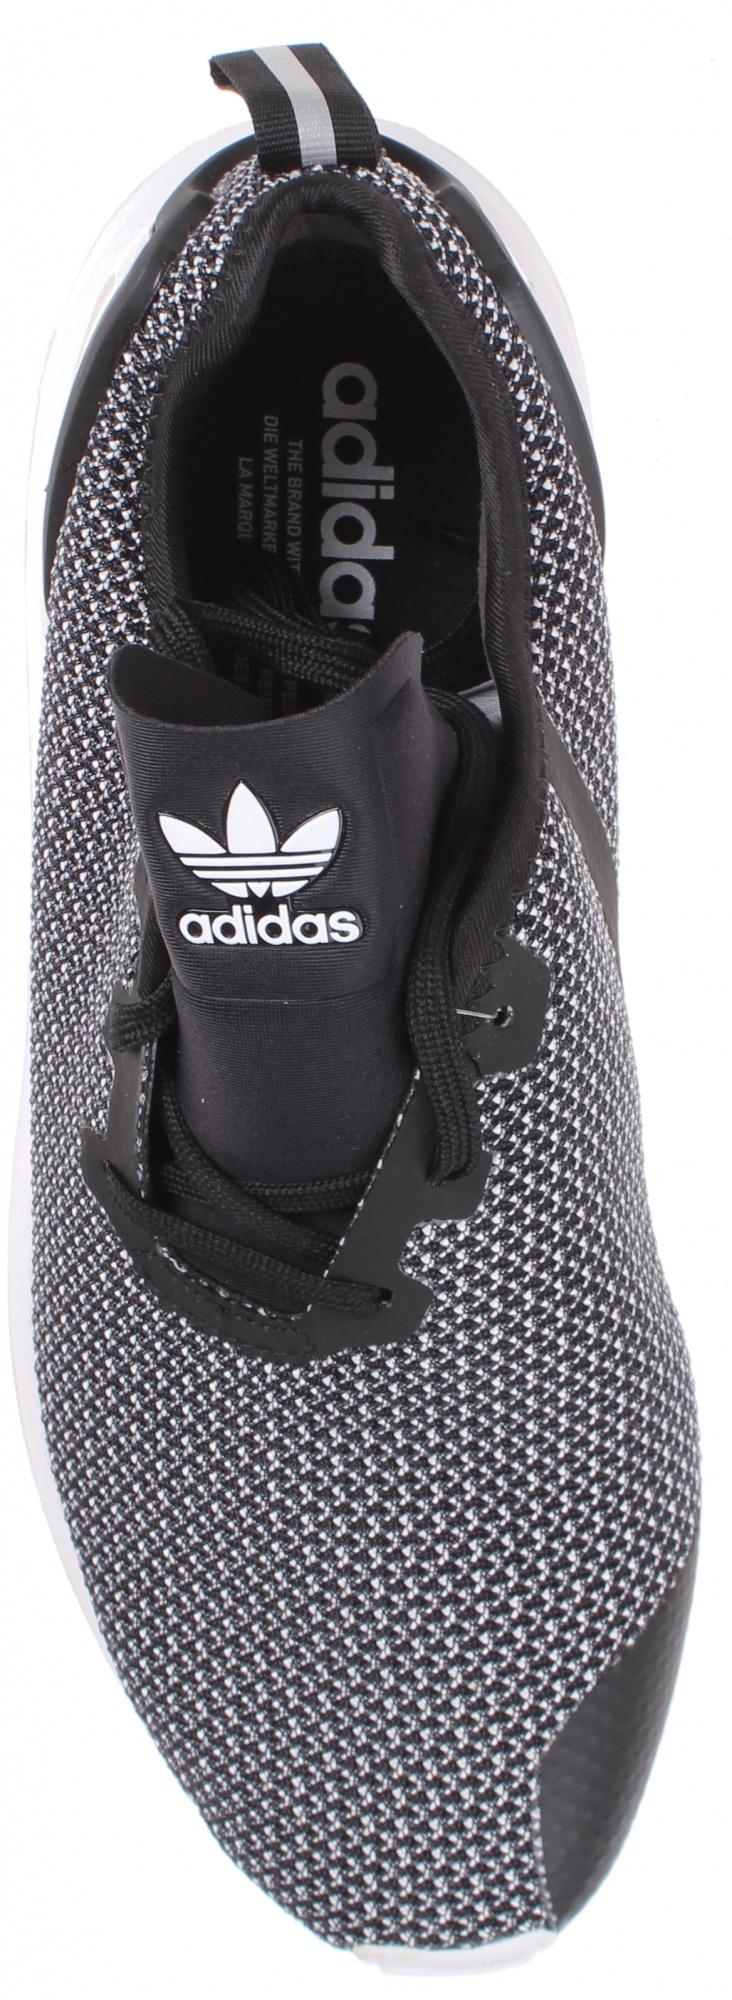 e7a15988543b0 adidas sneakers ZX Flux ADV Asym men s black white - Internet ...